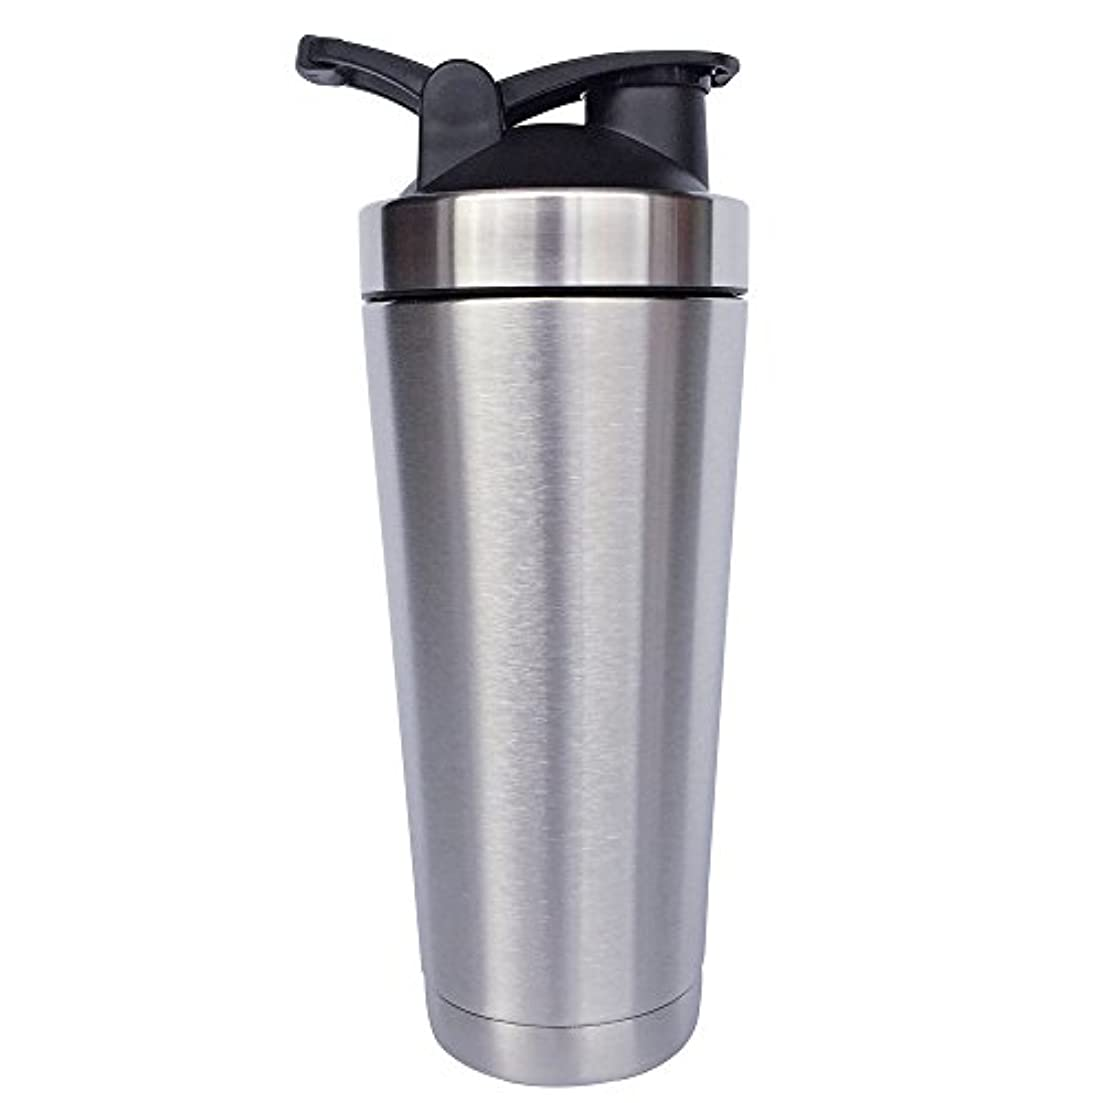 忠実自分自身ハンドブックステンレス鋼 スポーツウォーターボトル タンパク質ミルクセーキシェーカー?カップ 振ってボール ビグサイズ